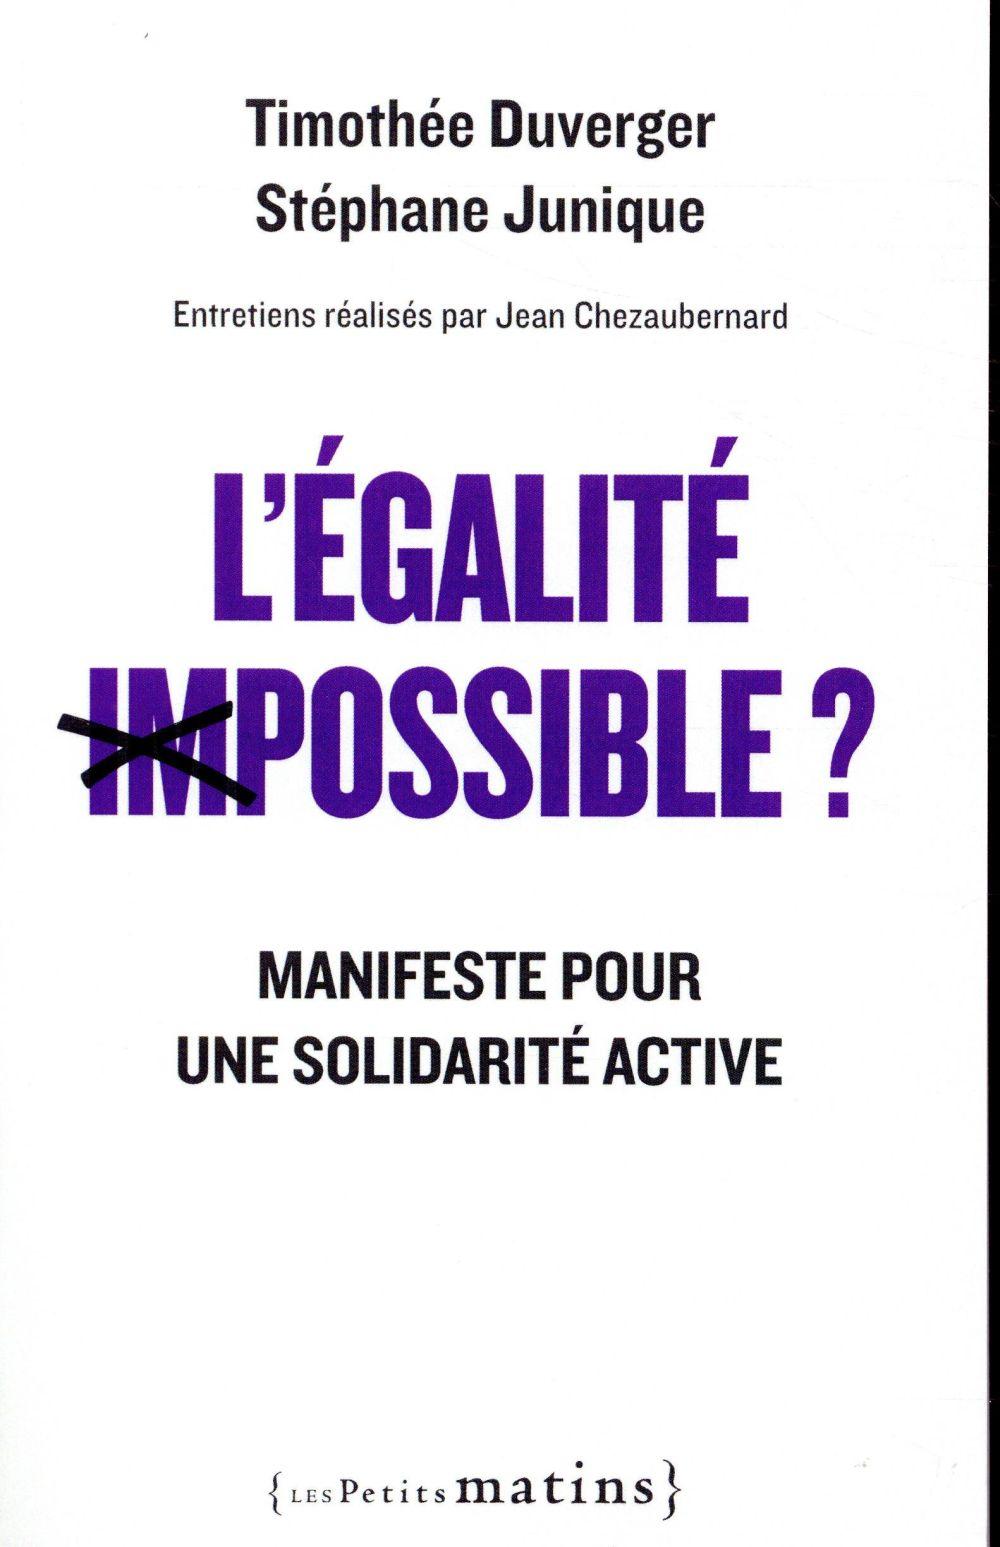 L'égalité (im)possible ? manifeste pour une solidarité active